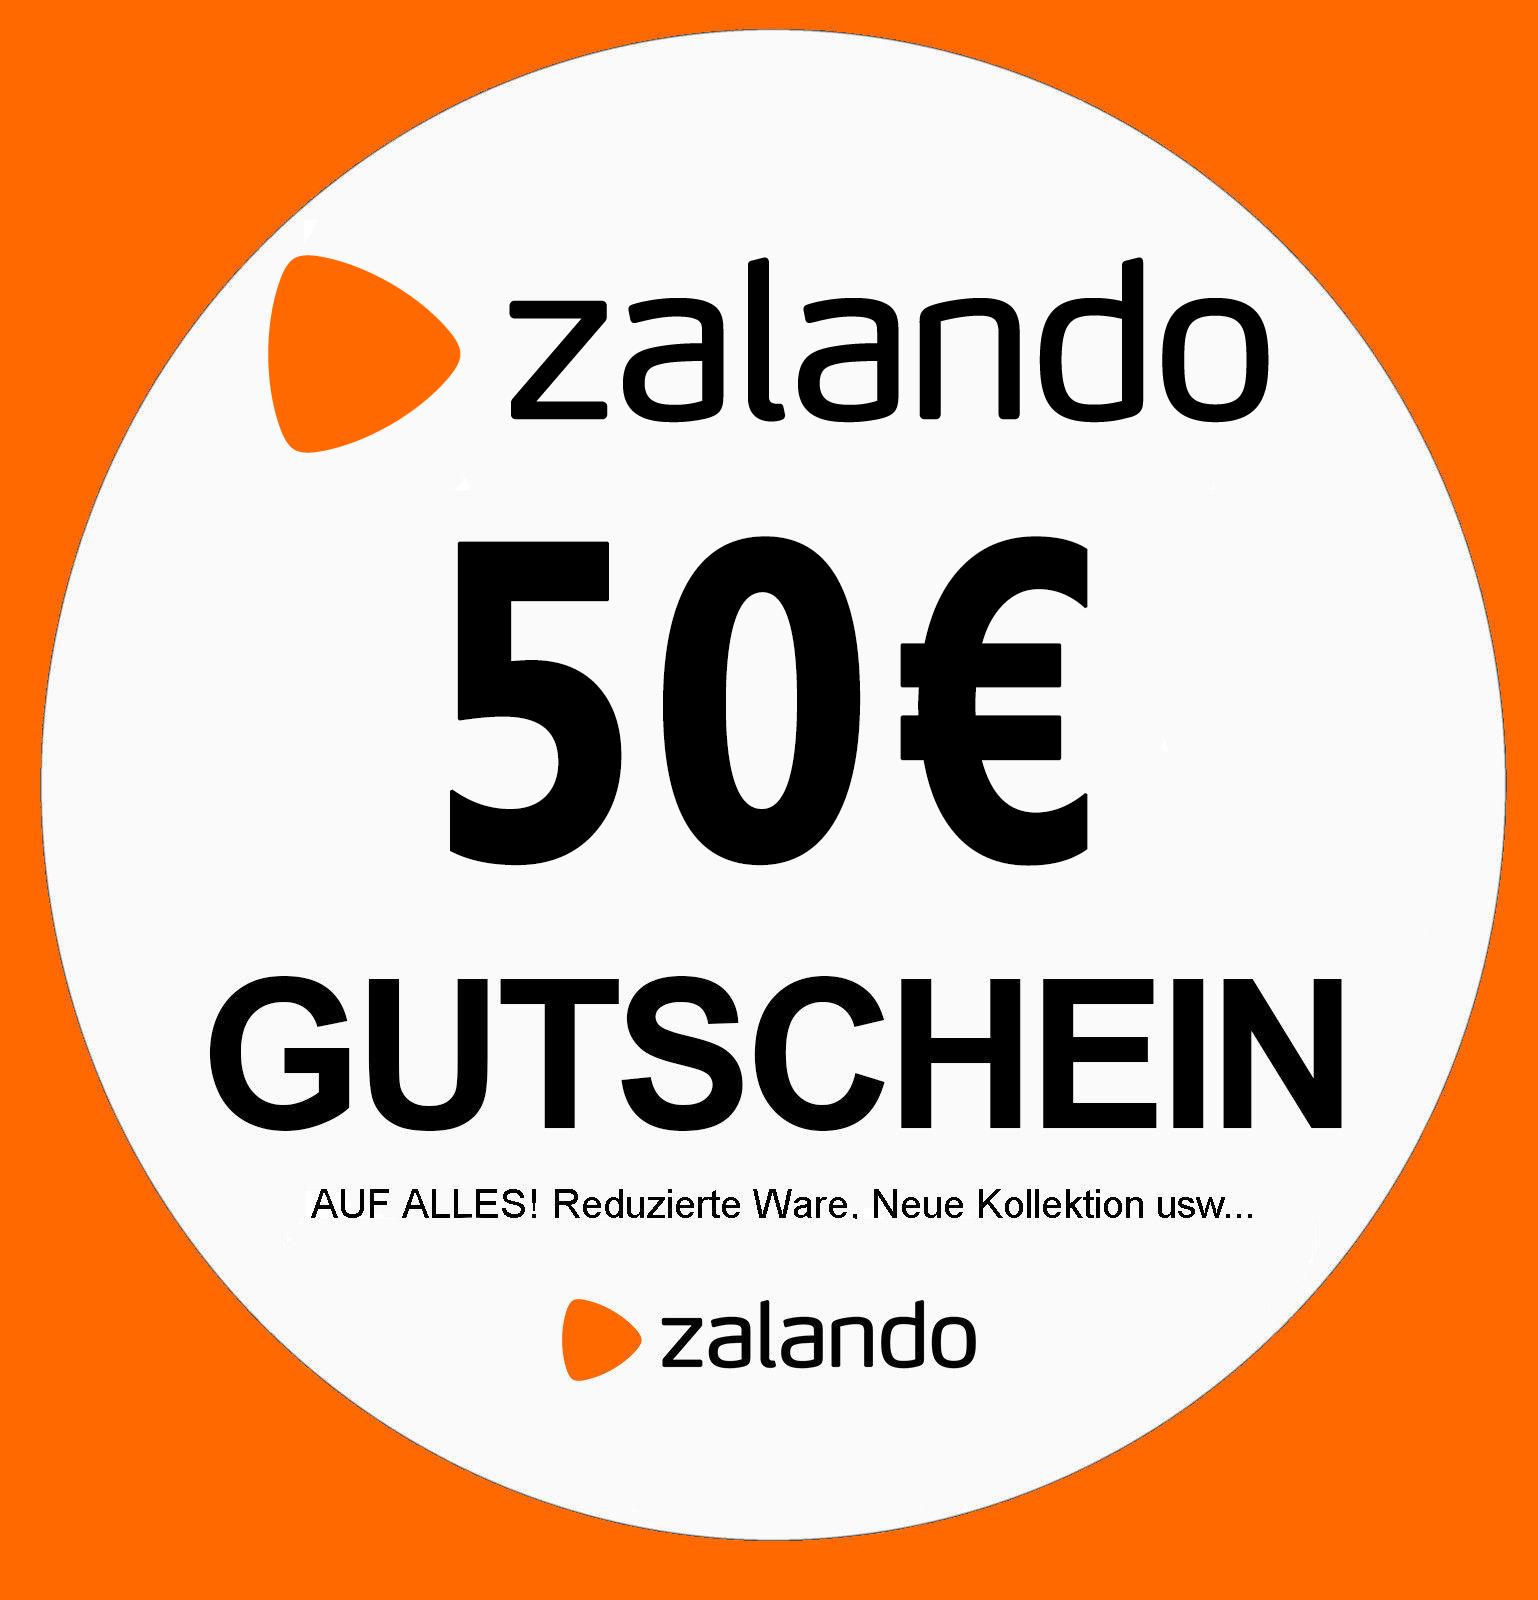 Zalando Gutschein in Wert von 50€ **bis zu 50 % sparren**